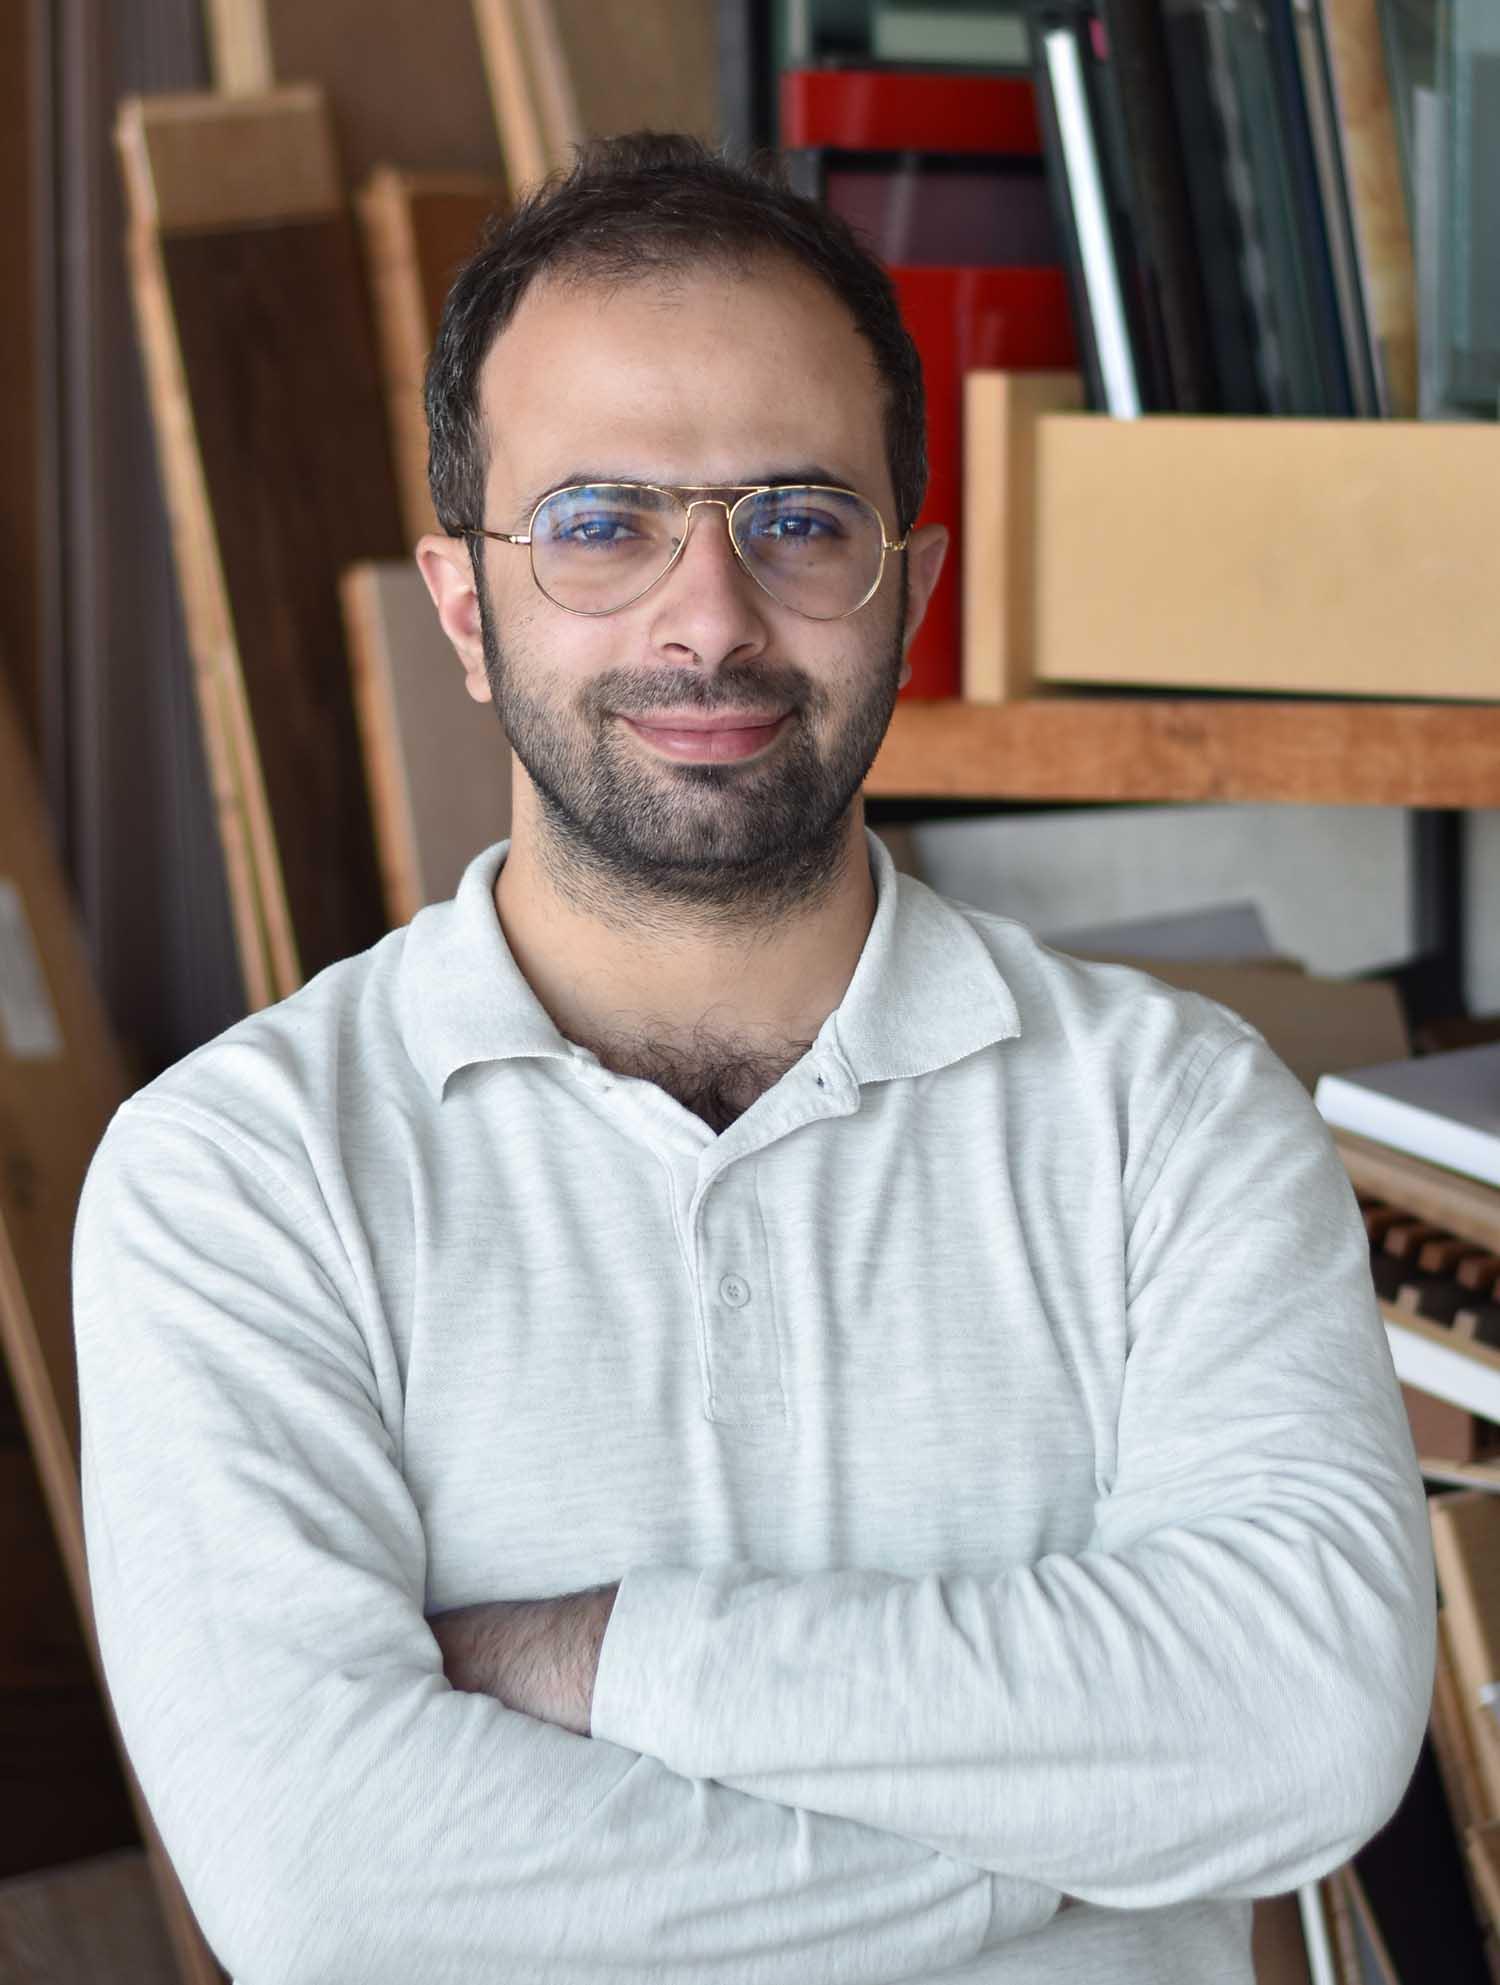 Mazen El Murr